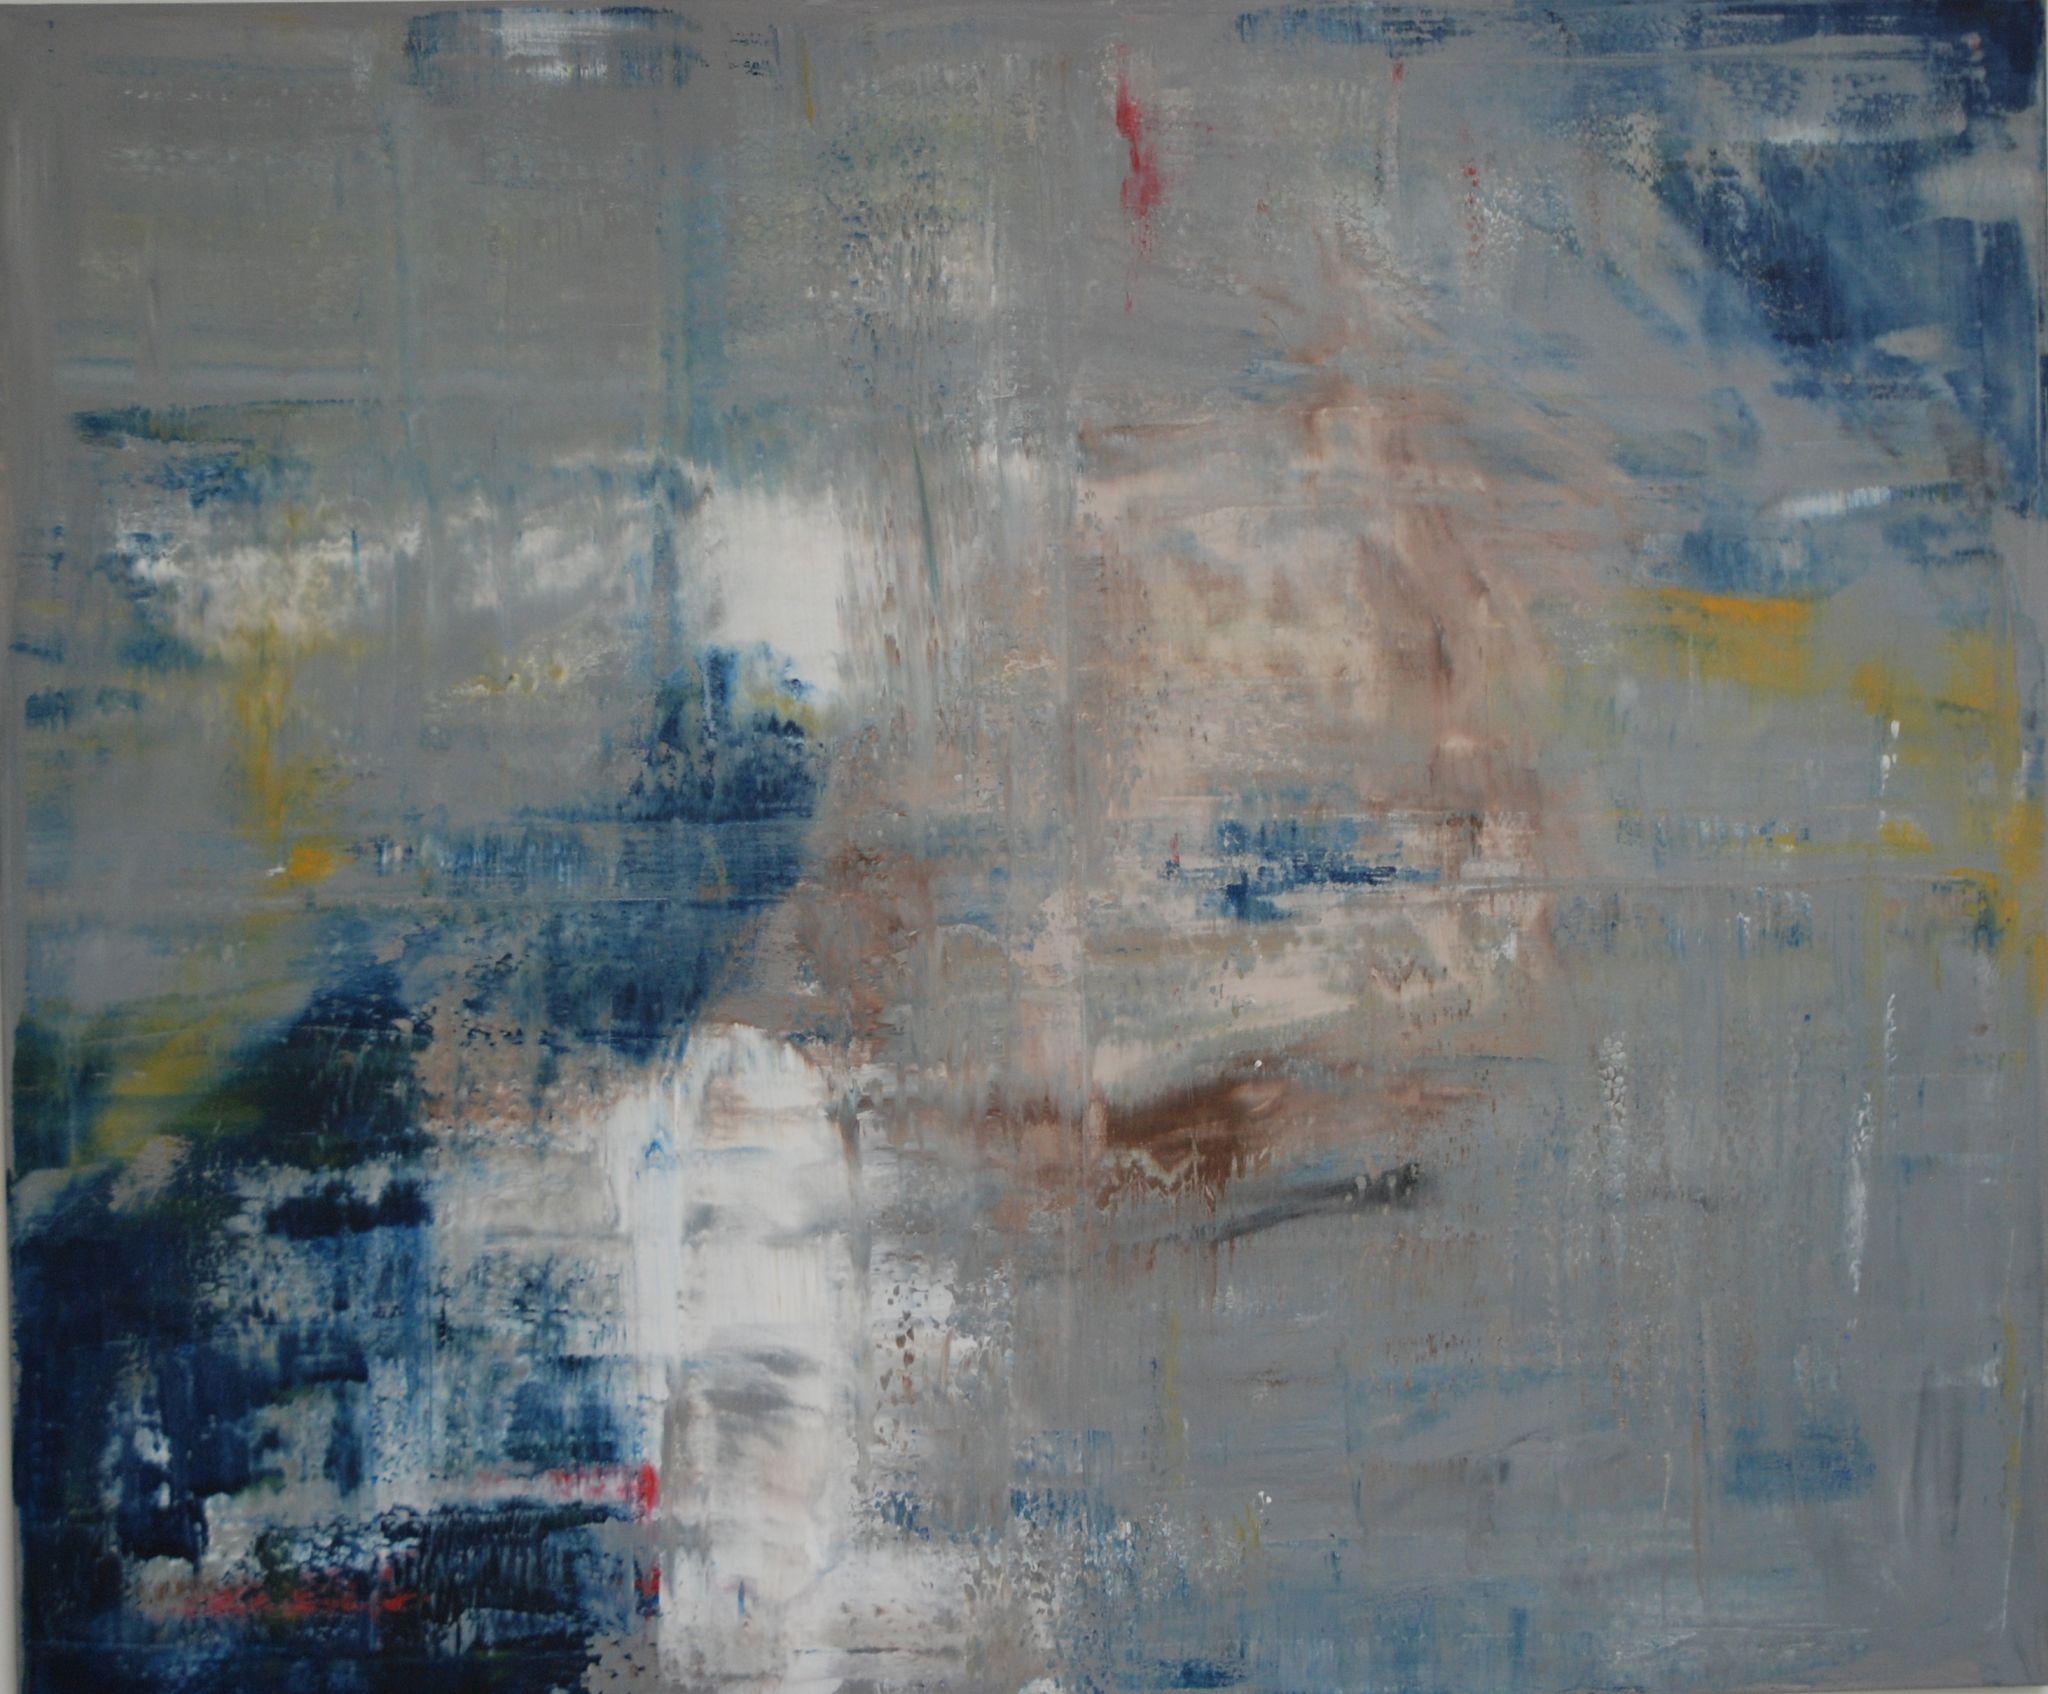 vzedmutý prach, 100/120 cm, 2014, akryl na plátně